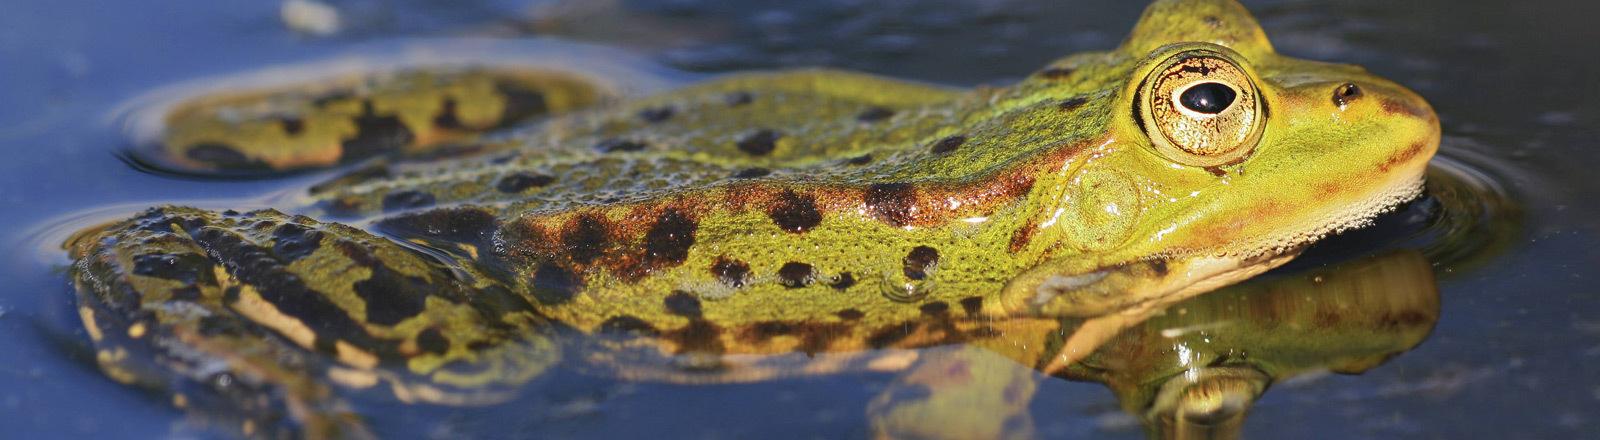 Frosch im Wasser.